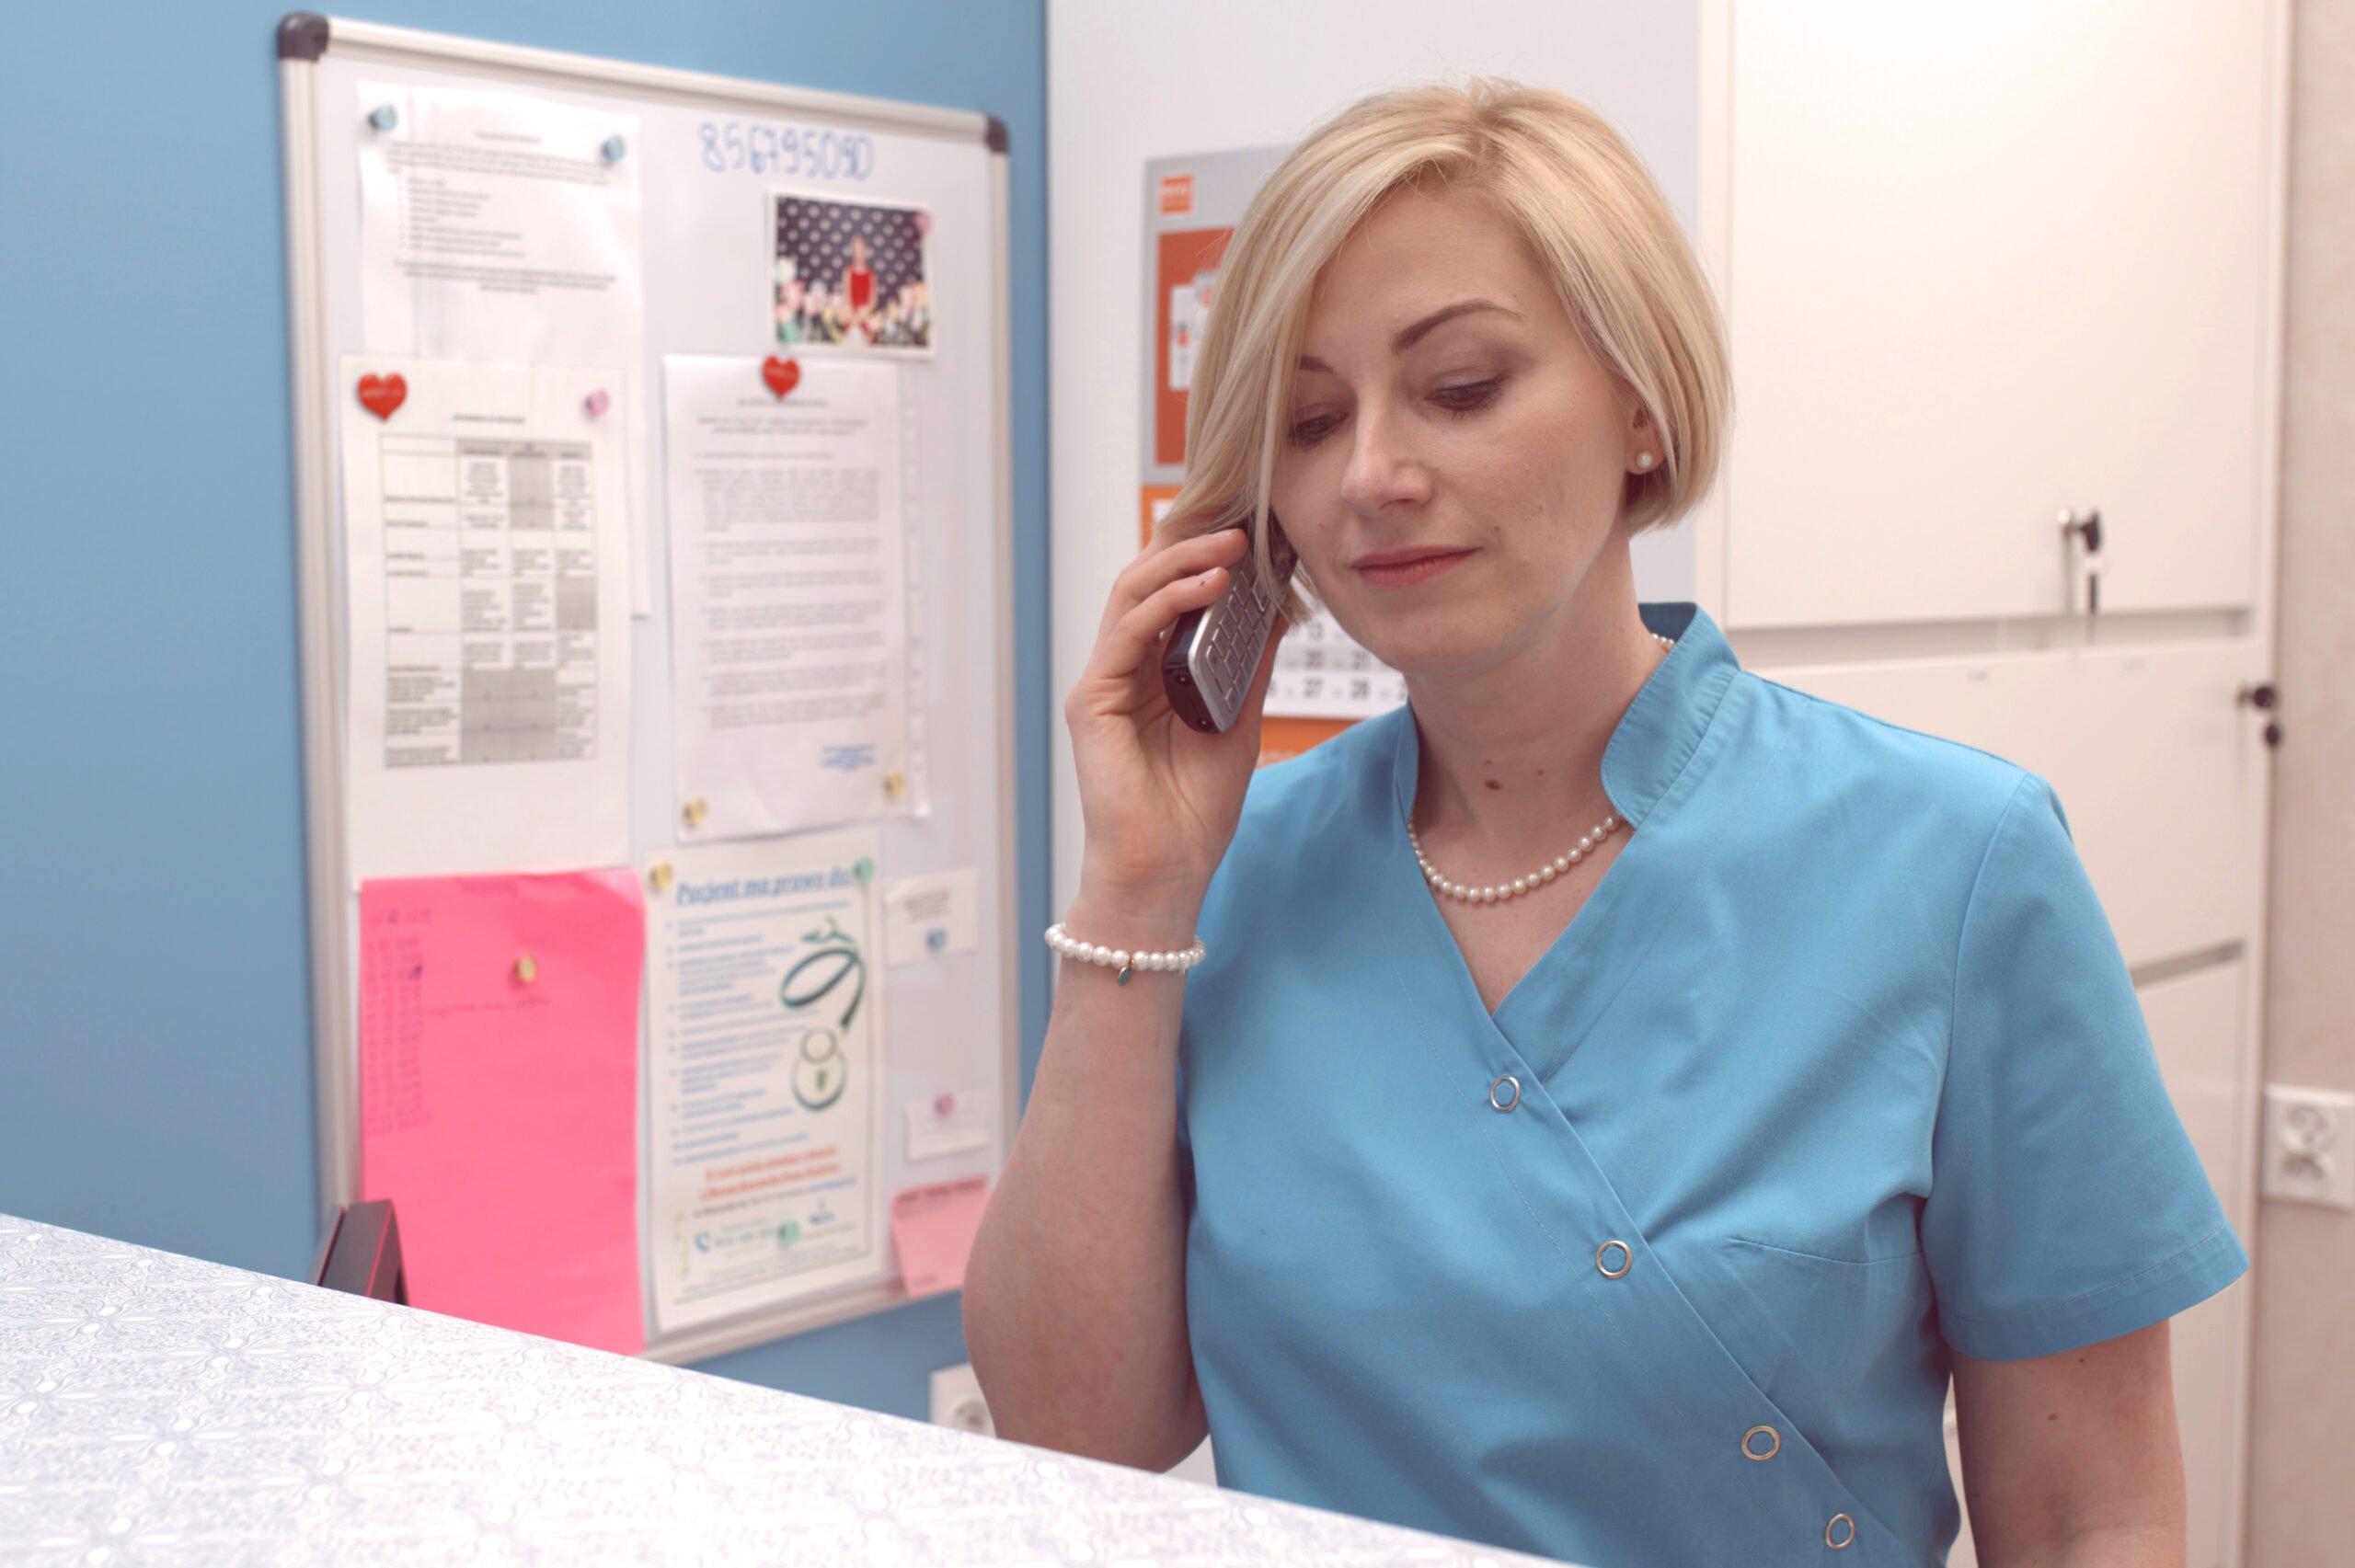 medycyna estetyczna kontakt hbcmed